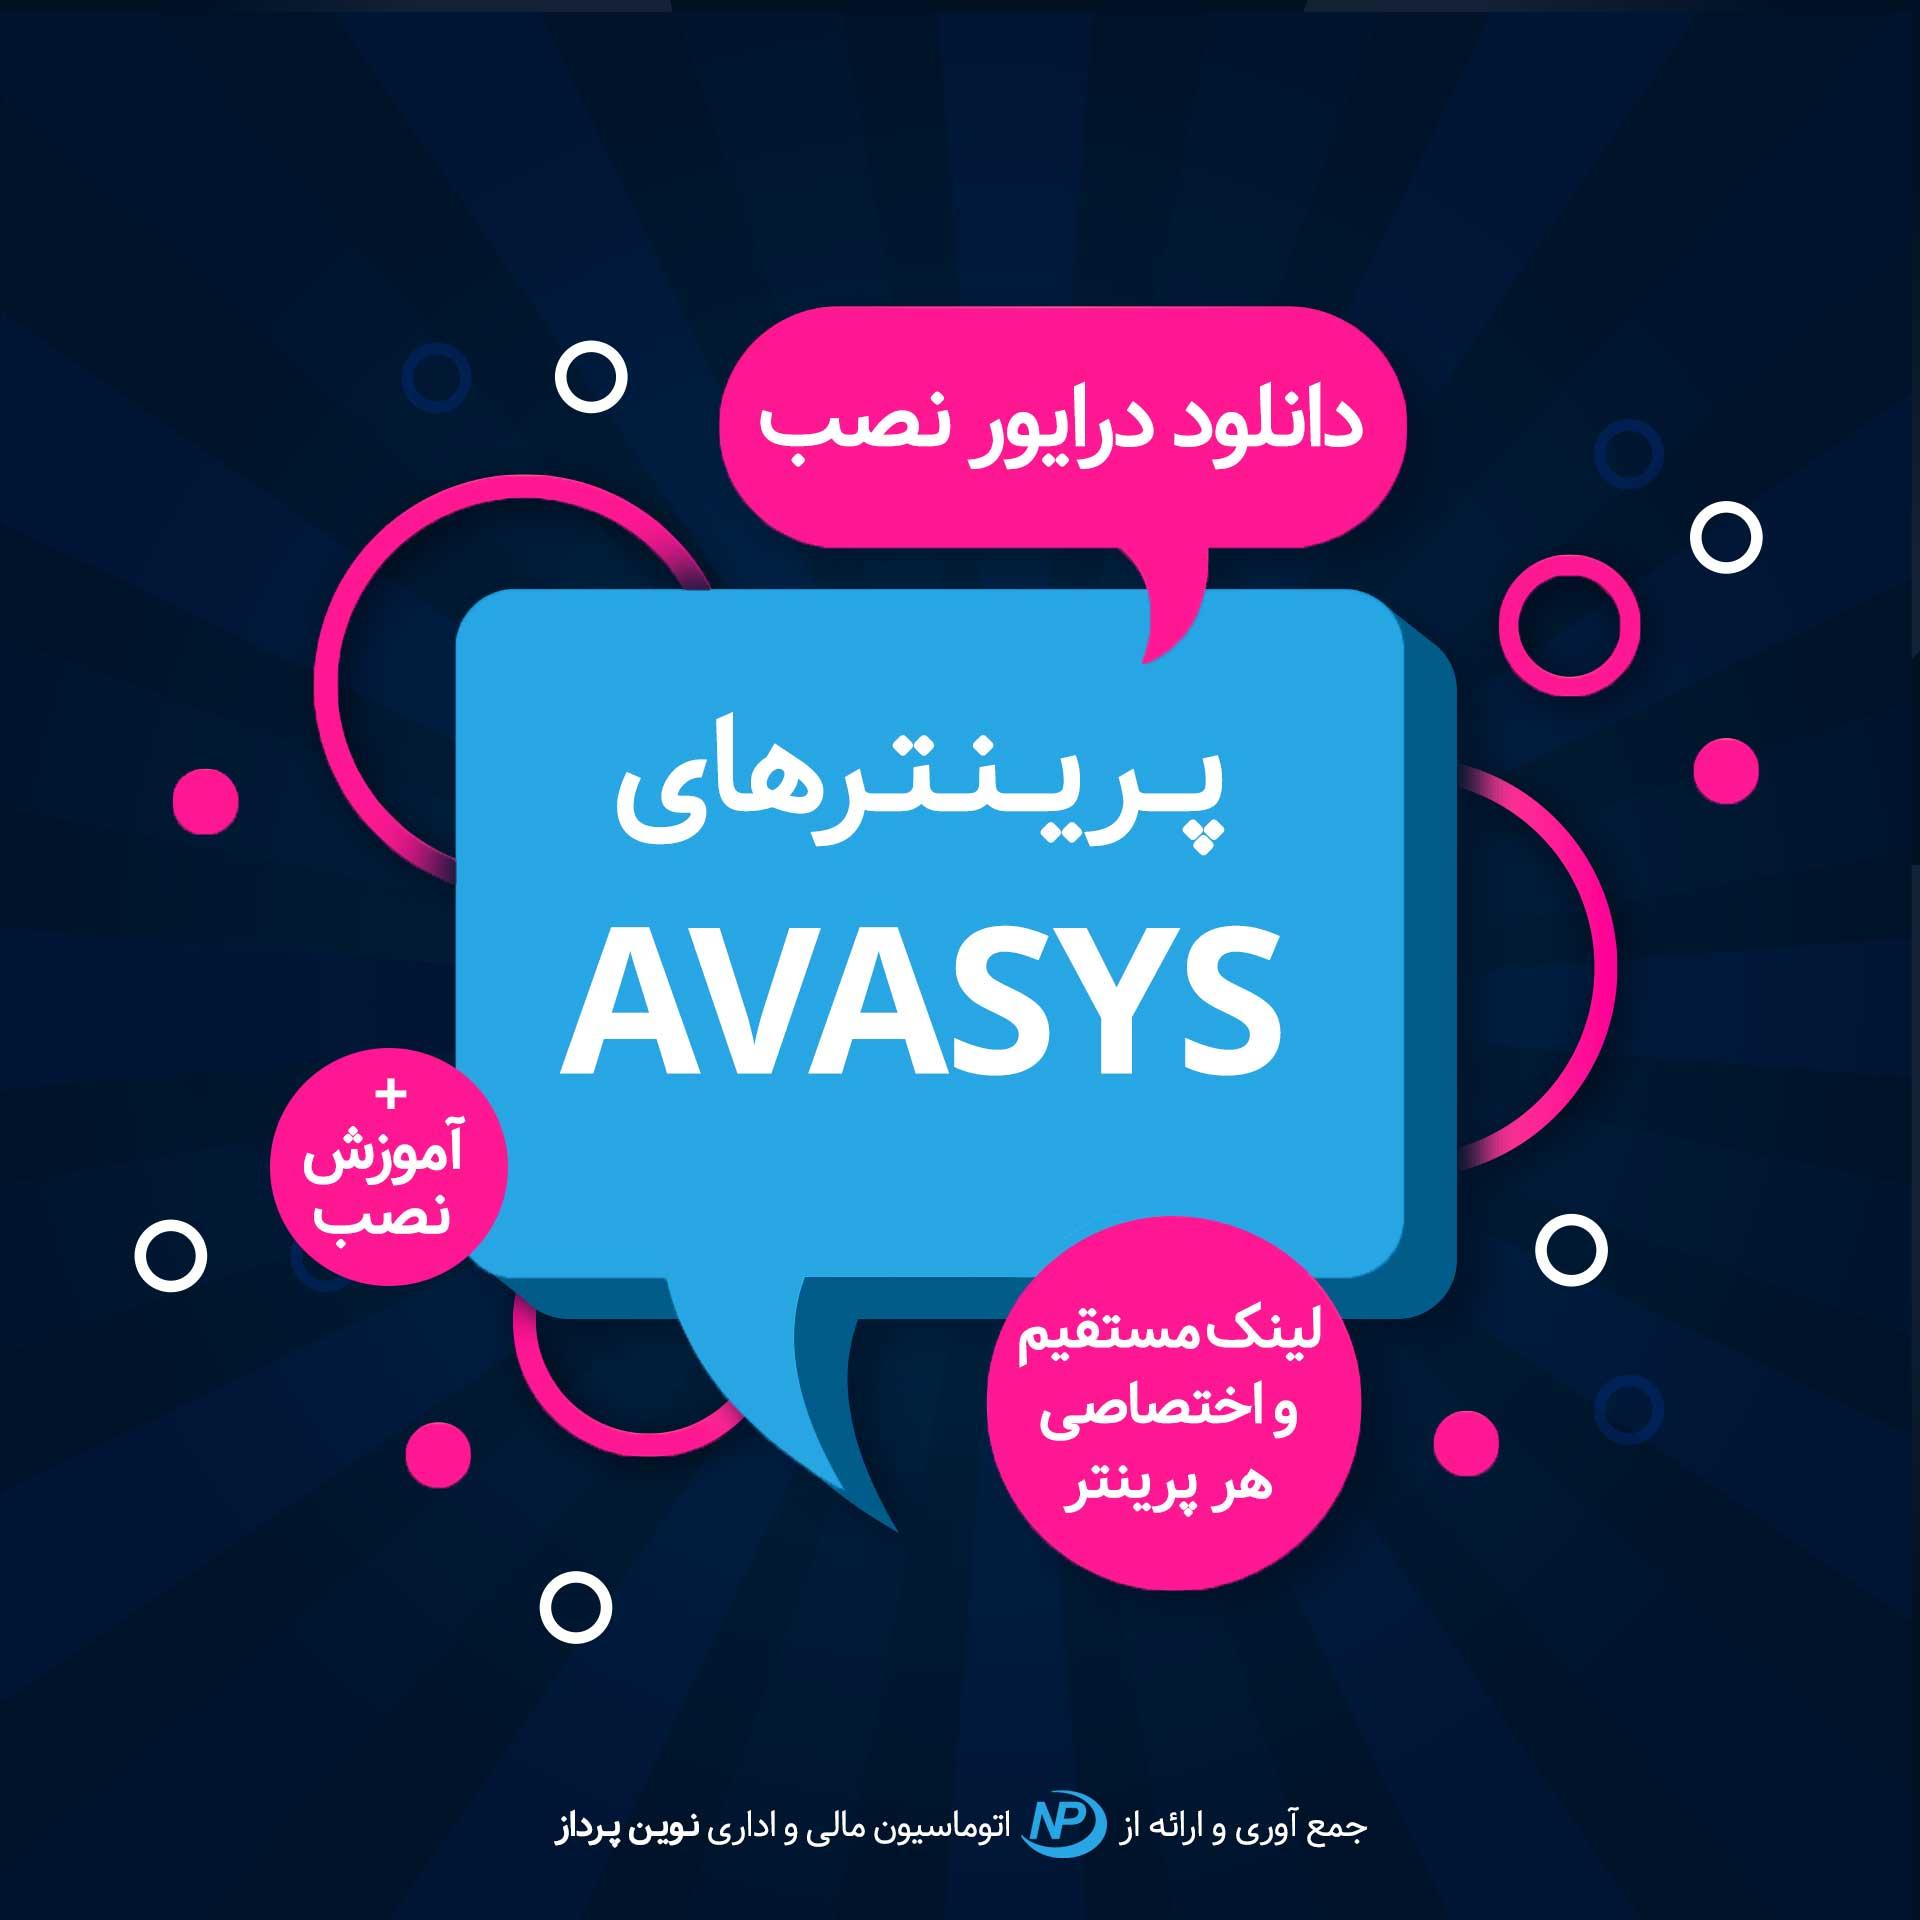 دانلود درایور نصب پرینترهای AvaSys + آموزش نصب